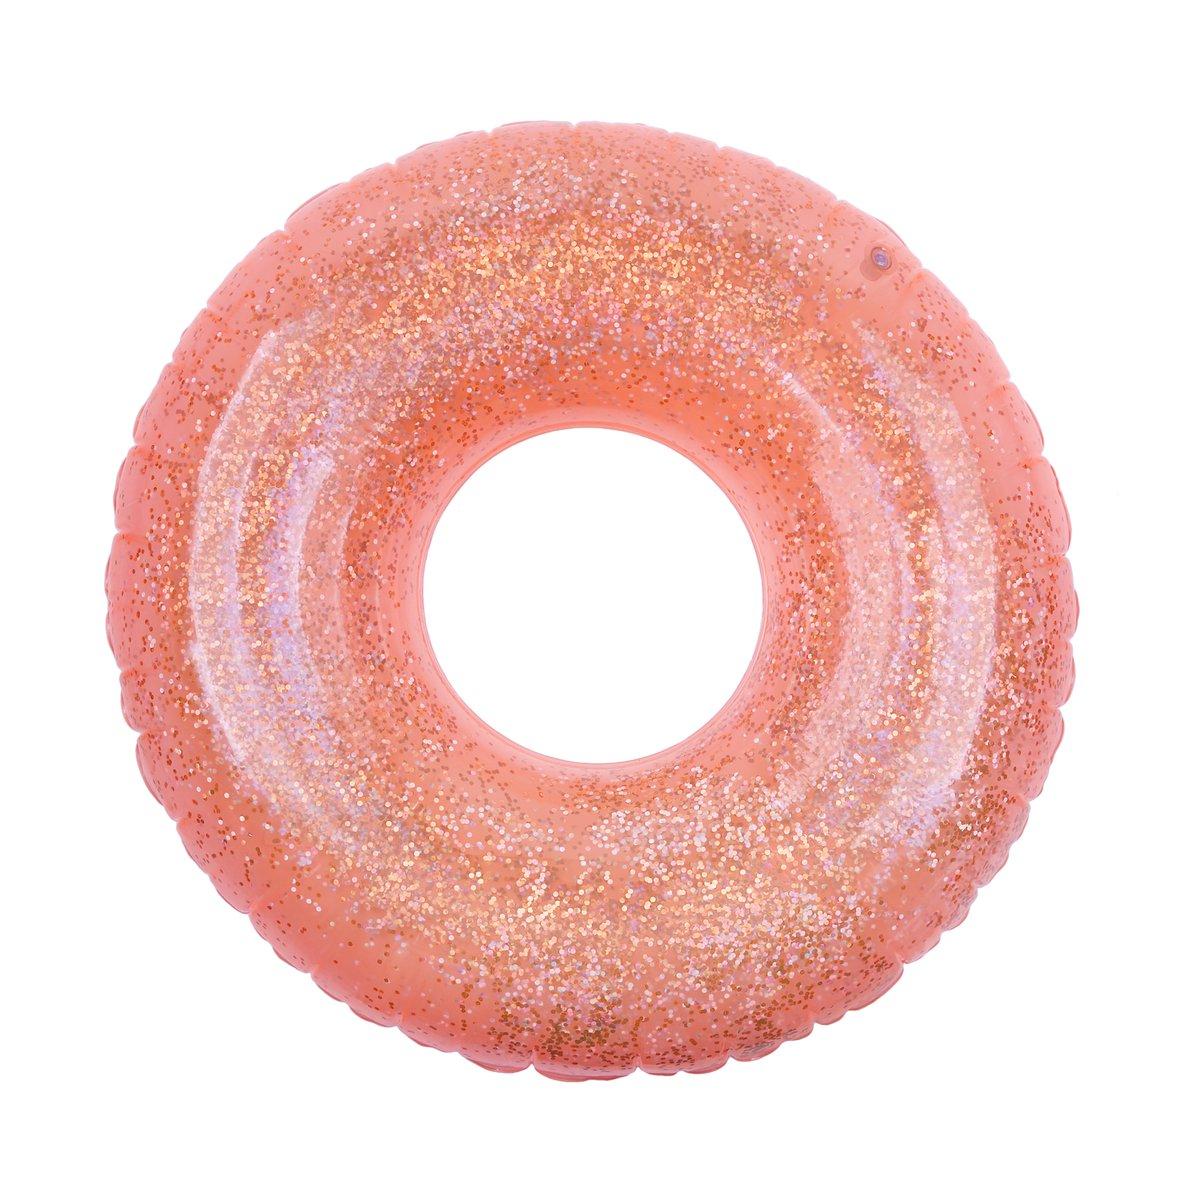 Bouée gonflable orange néon pailletée